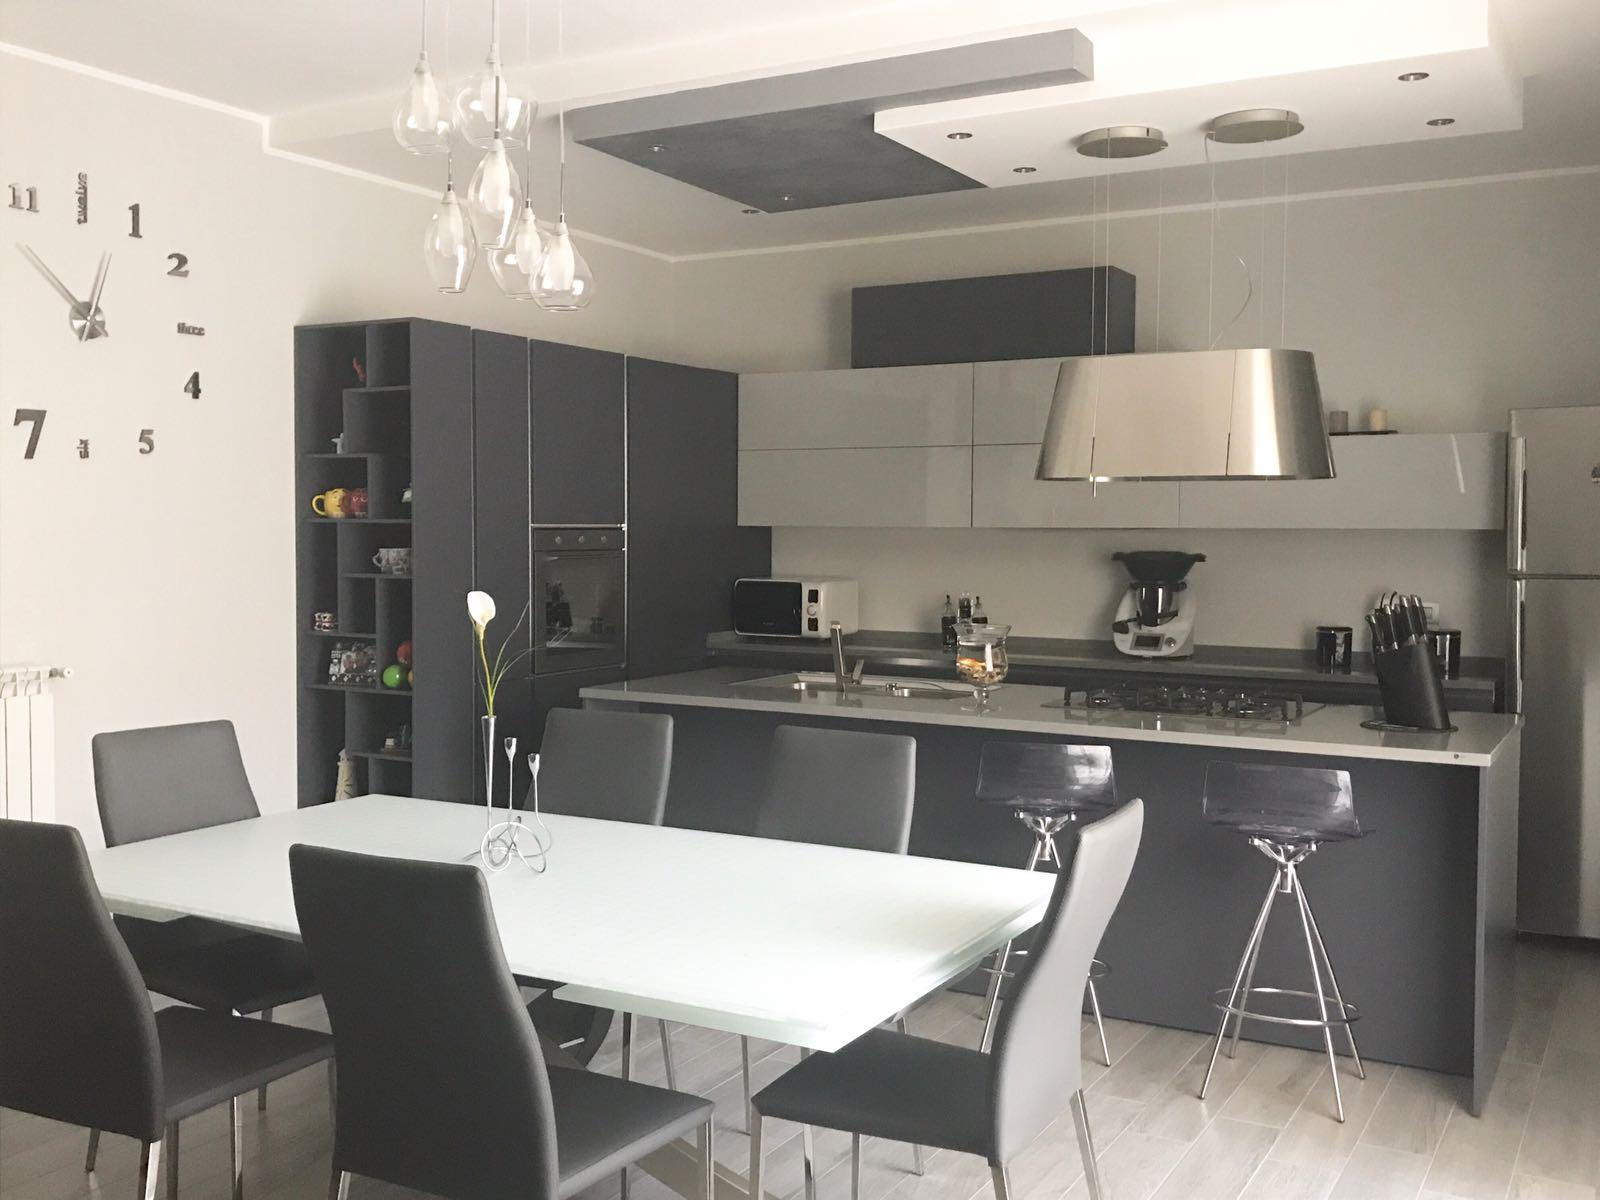 Prezioso Casa e la cucina Stosa di Lucia e Danilo